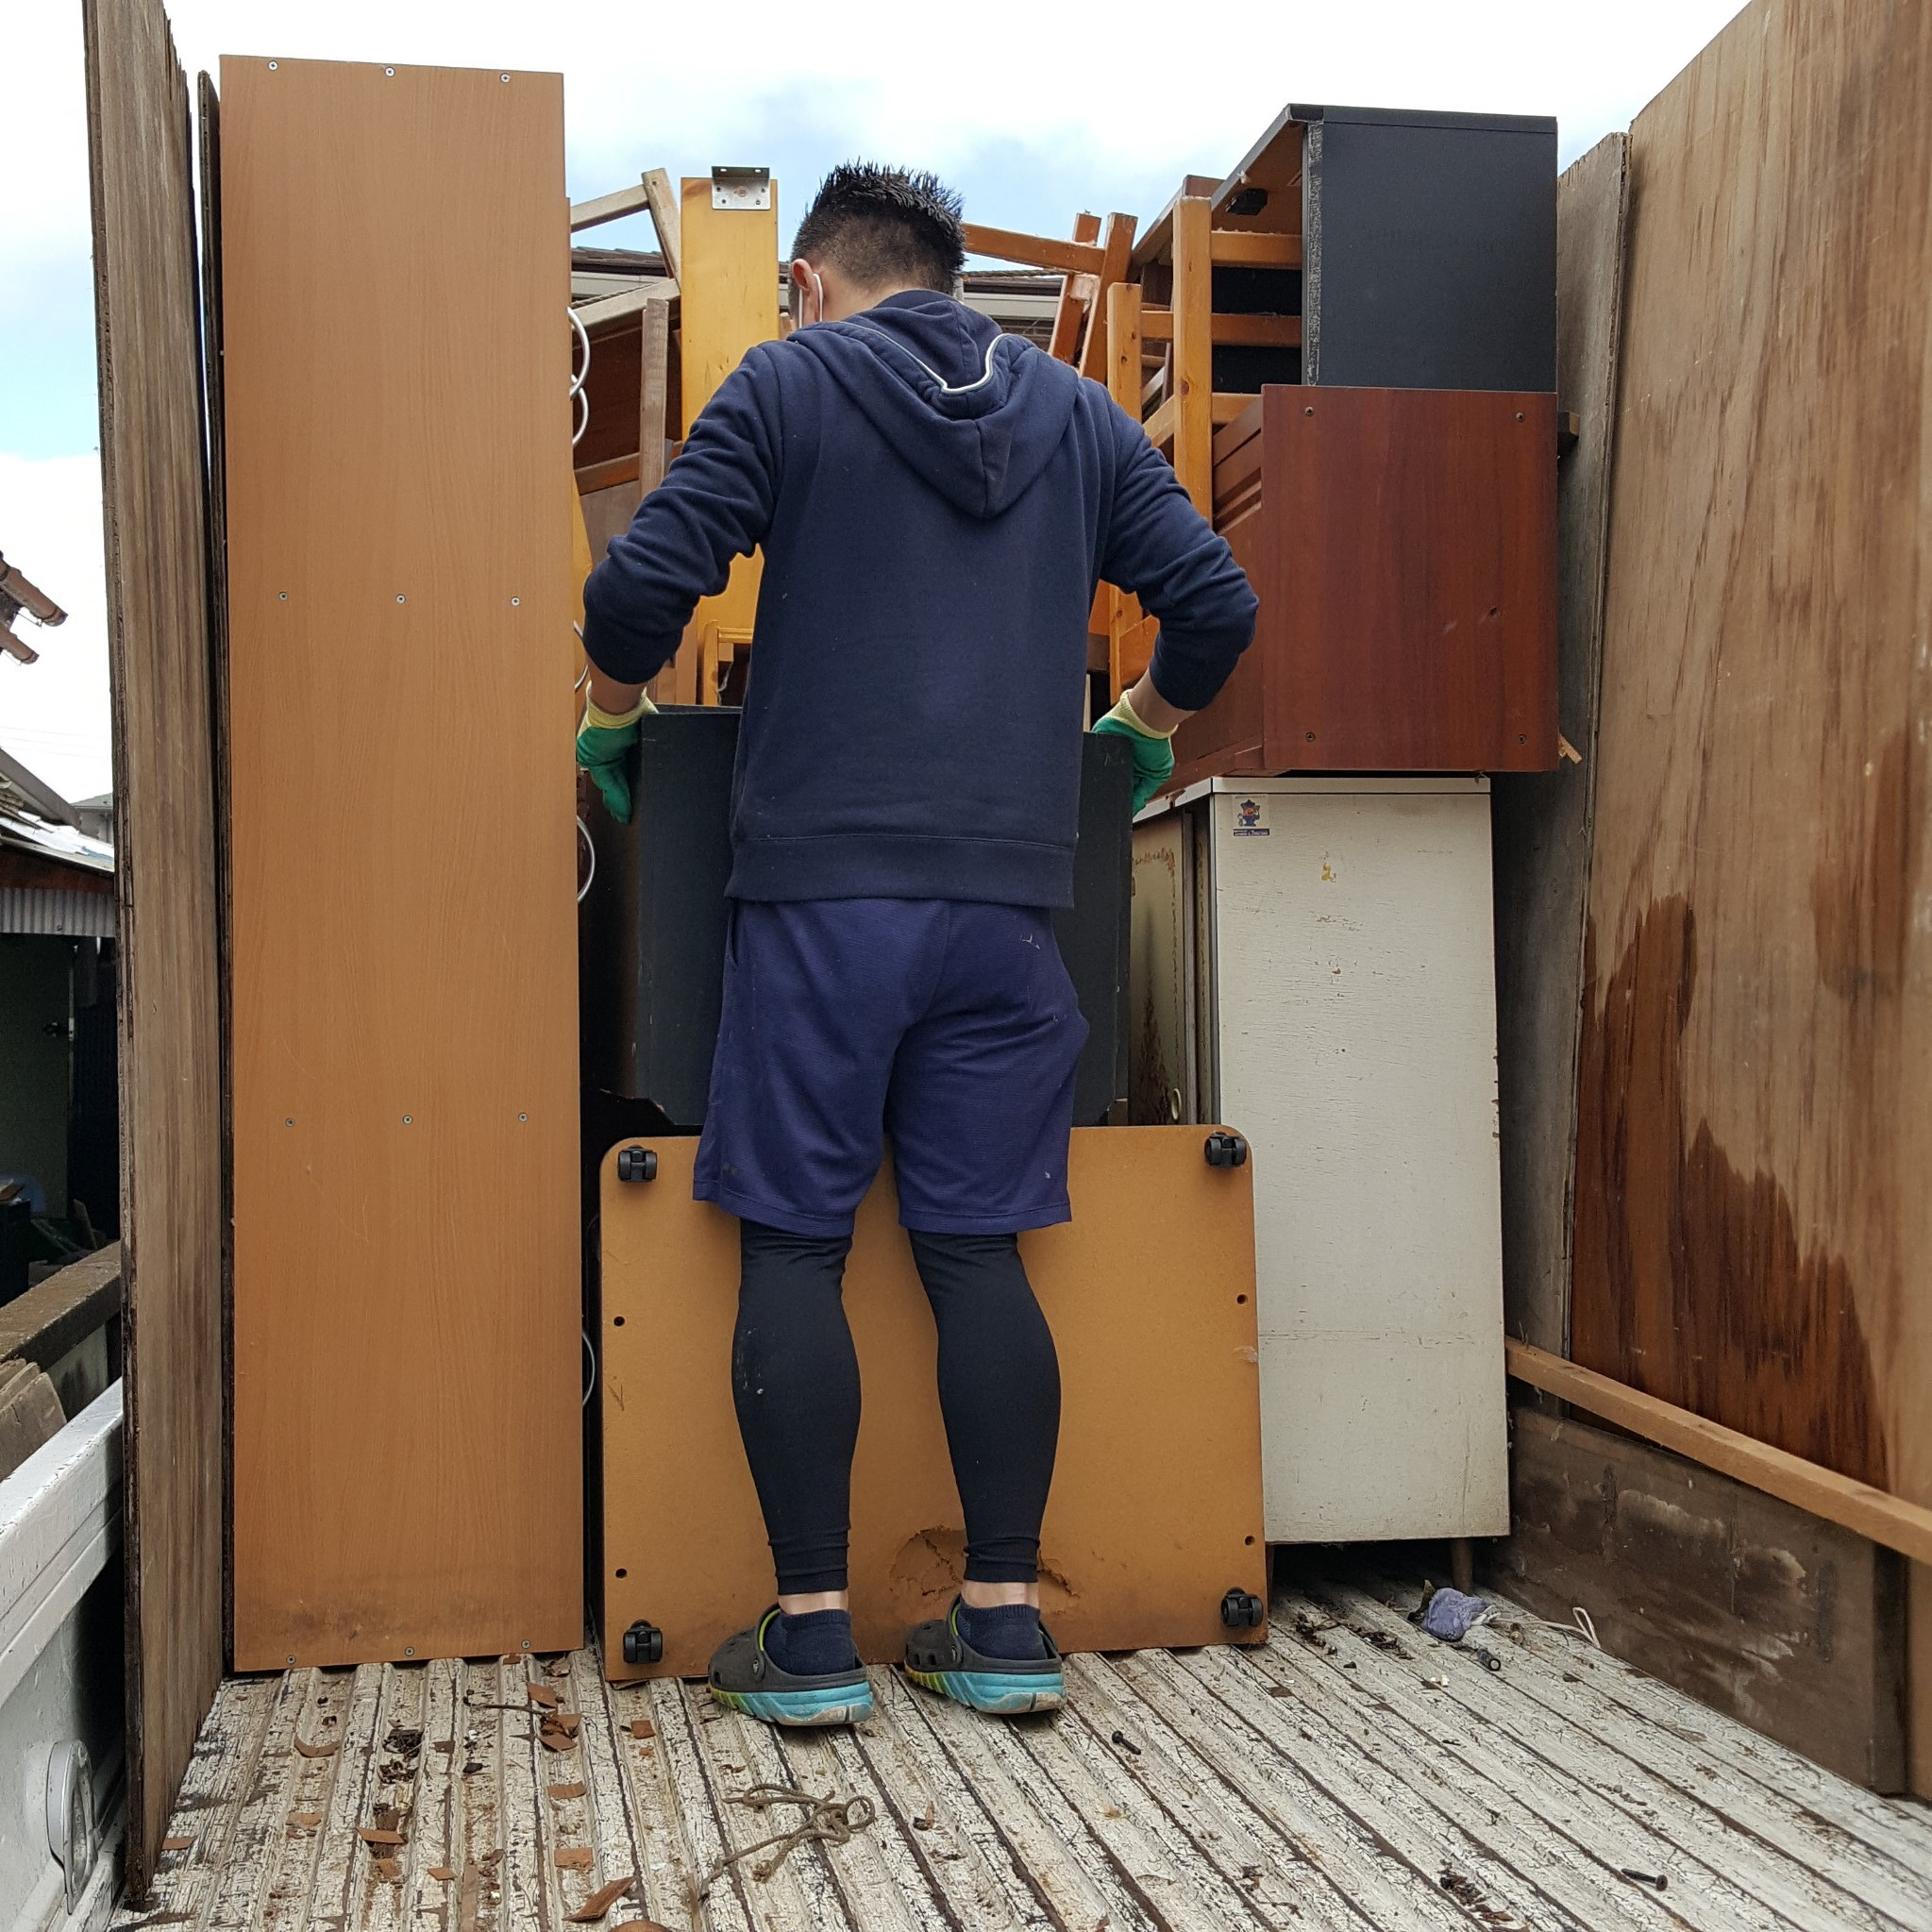 東京都日野市 2DK全ての家具(食器棚、本棚、ダイニングテーブルなど)の不用品回収